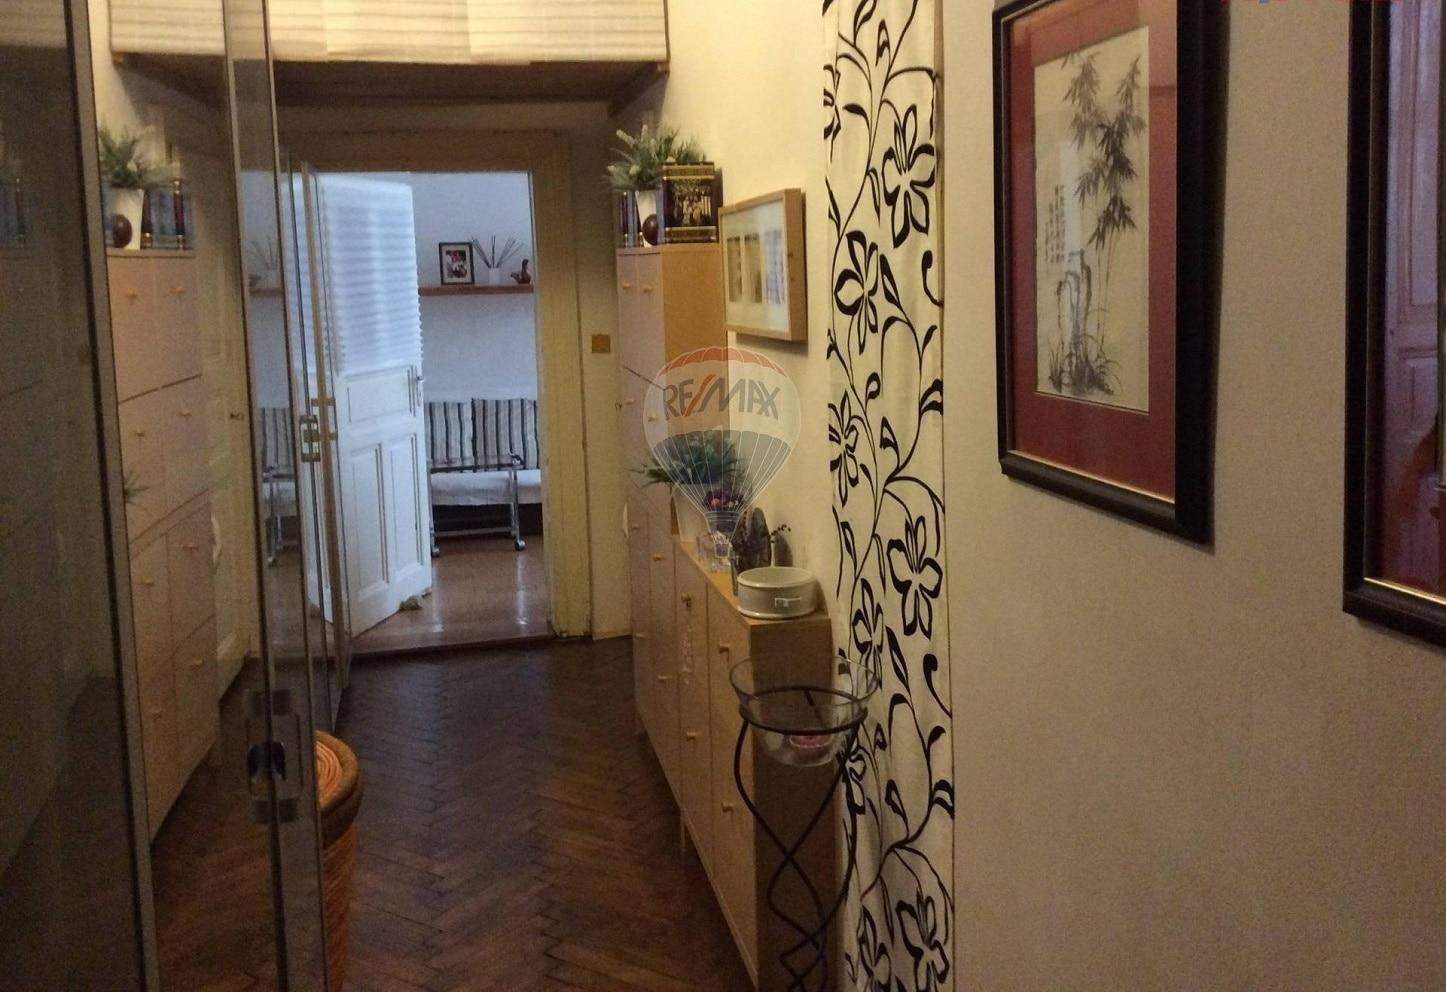 דירת 3 חדרים למכירה בפראג 1 על 78 מר (3)